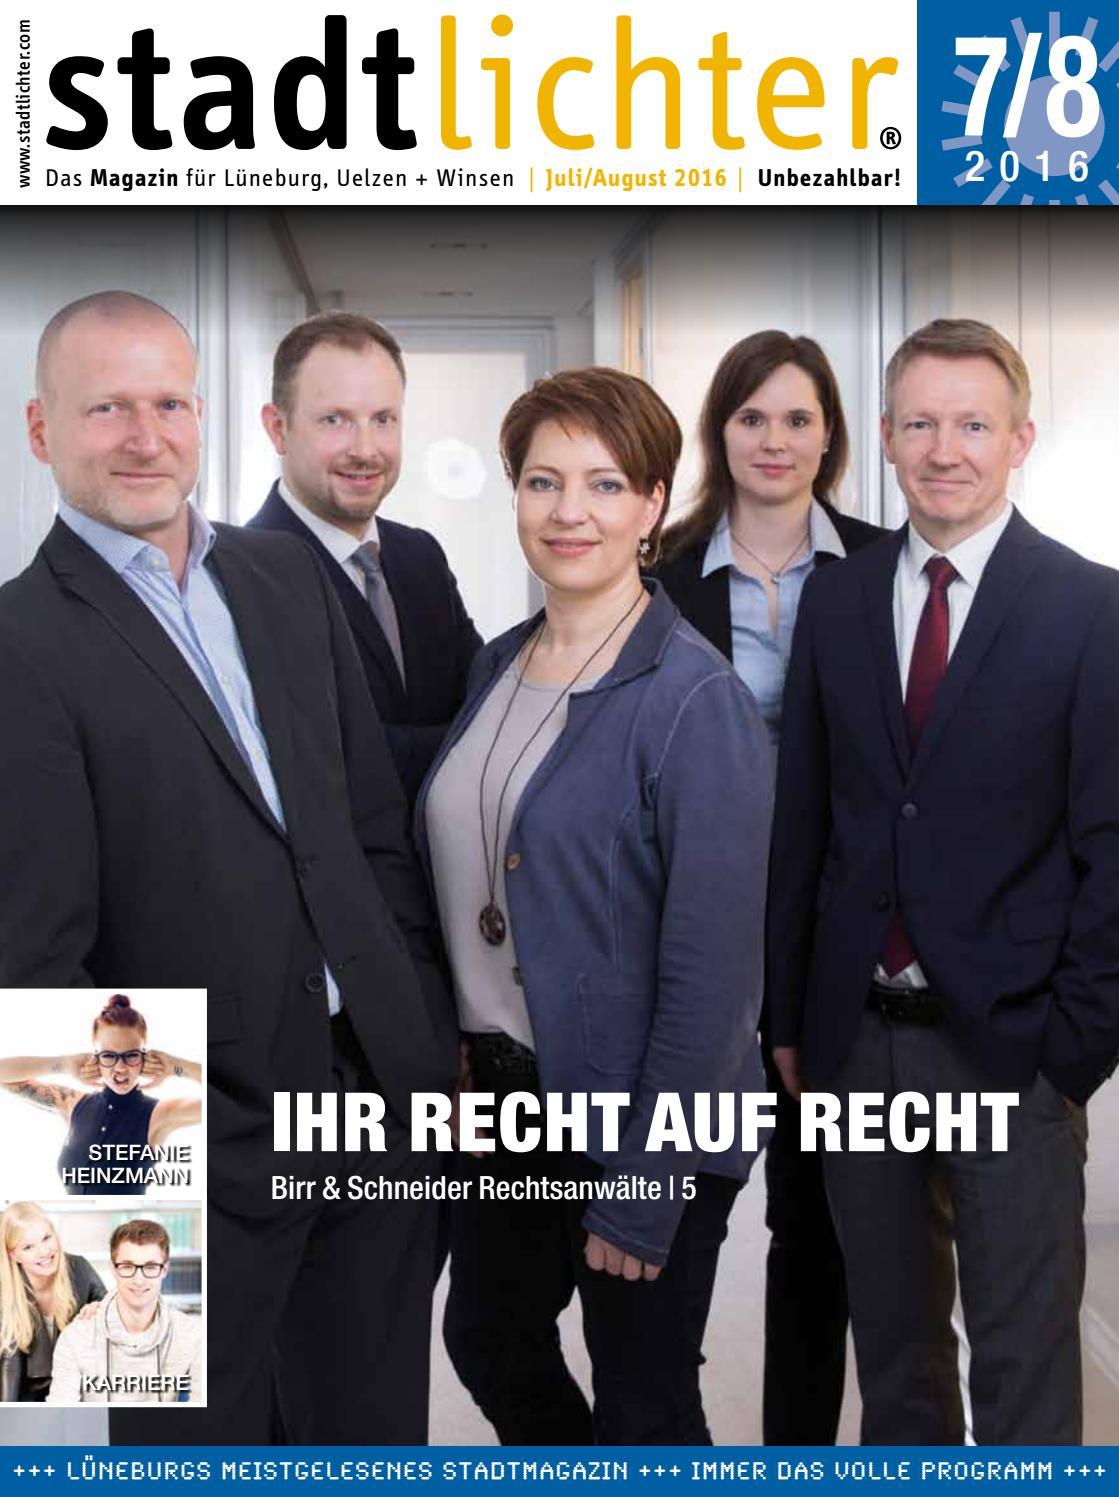 stadtlichter 07/08-2016 by Stadtlichter - issuu